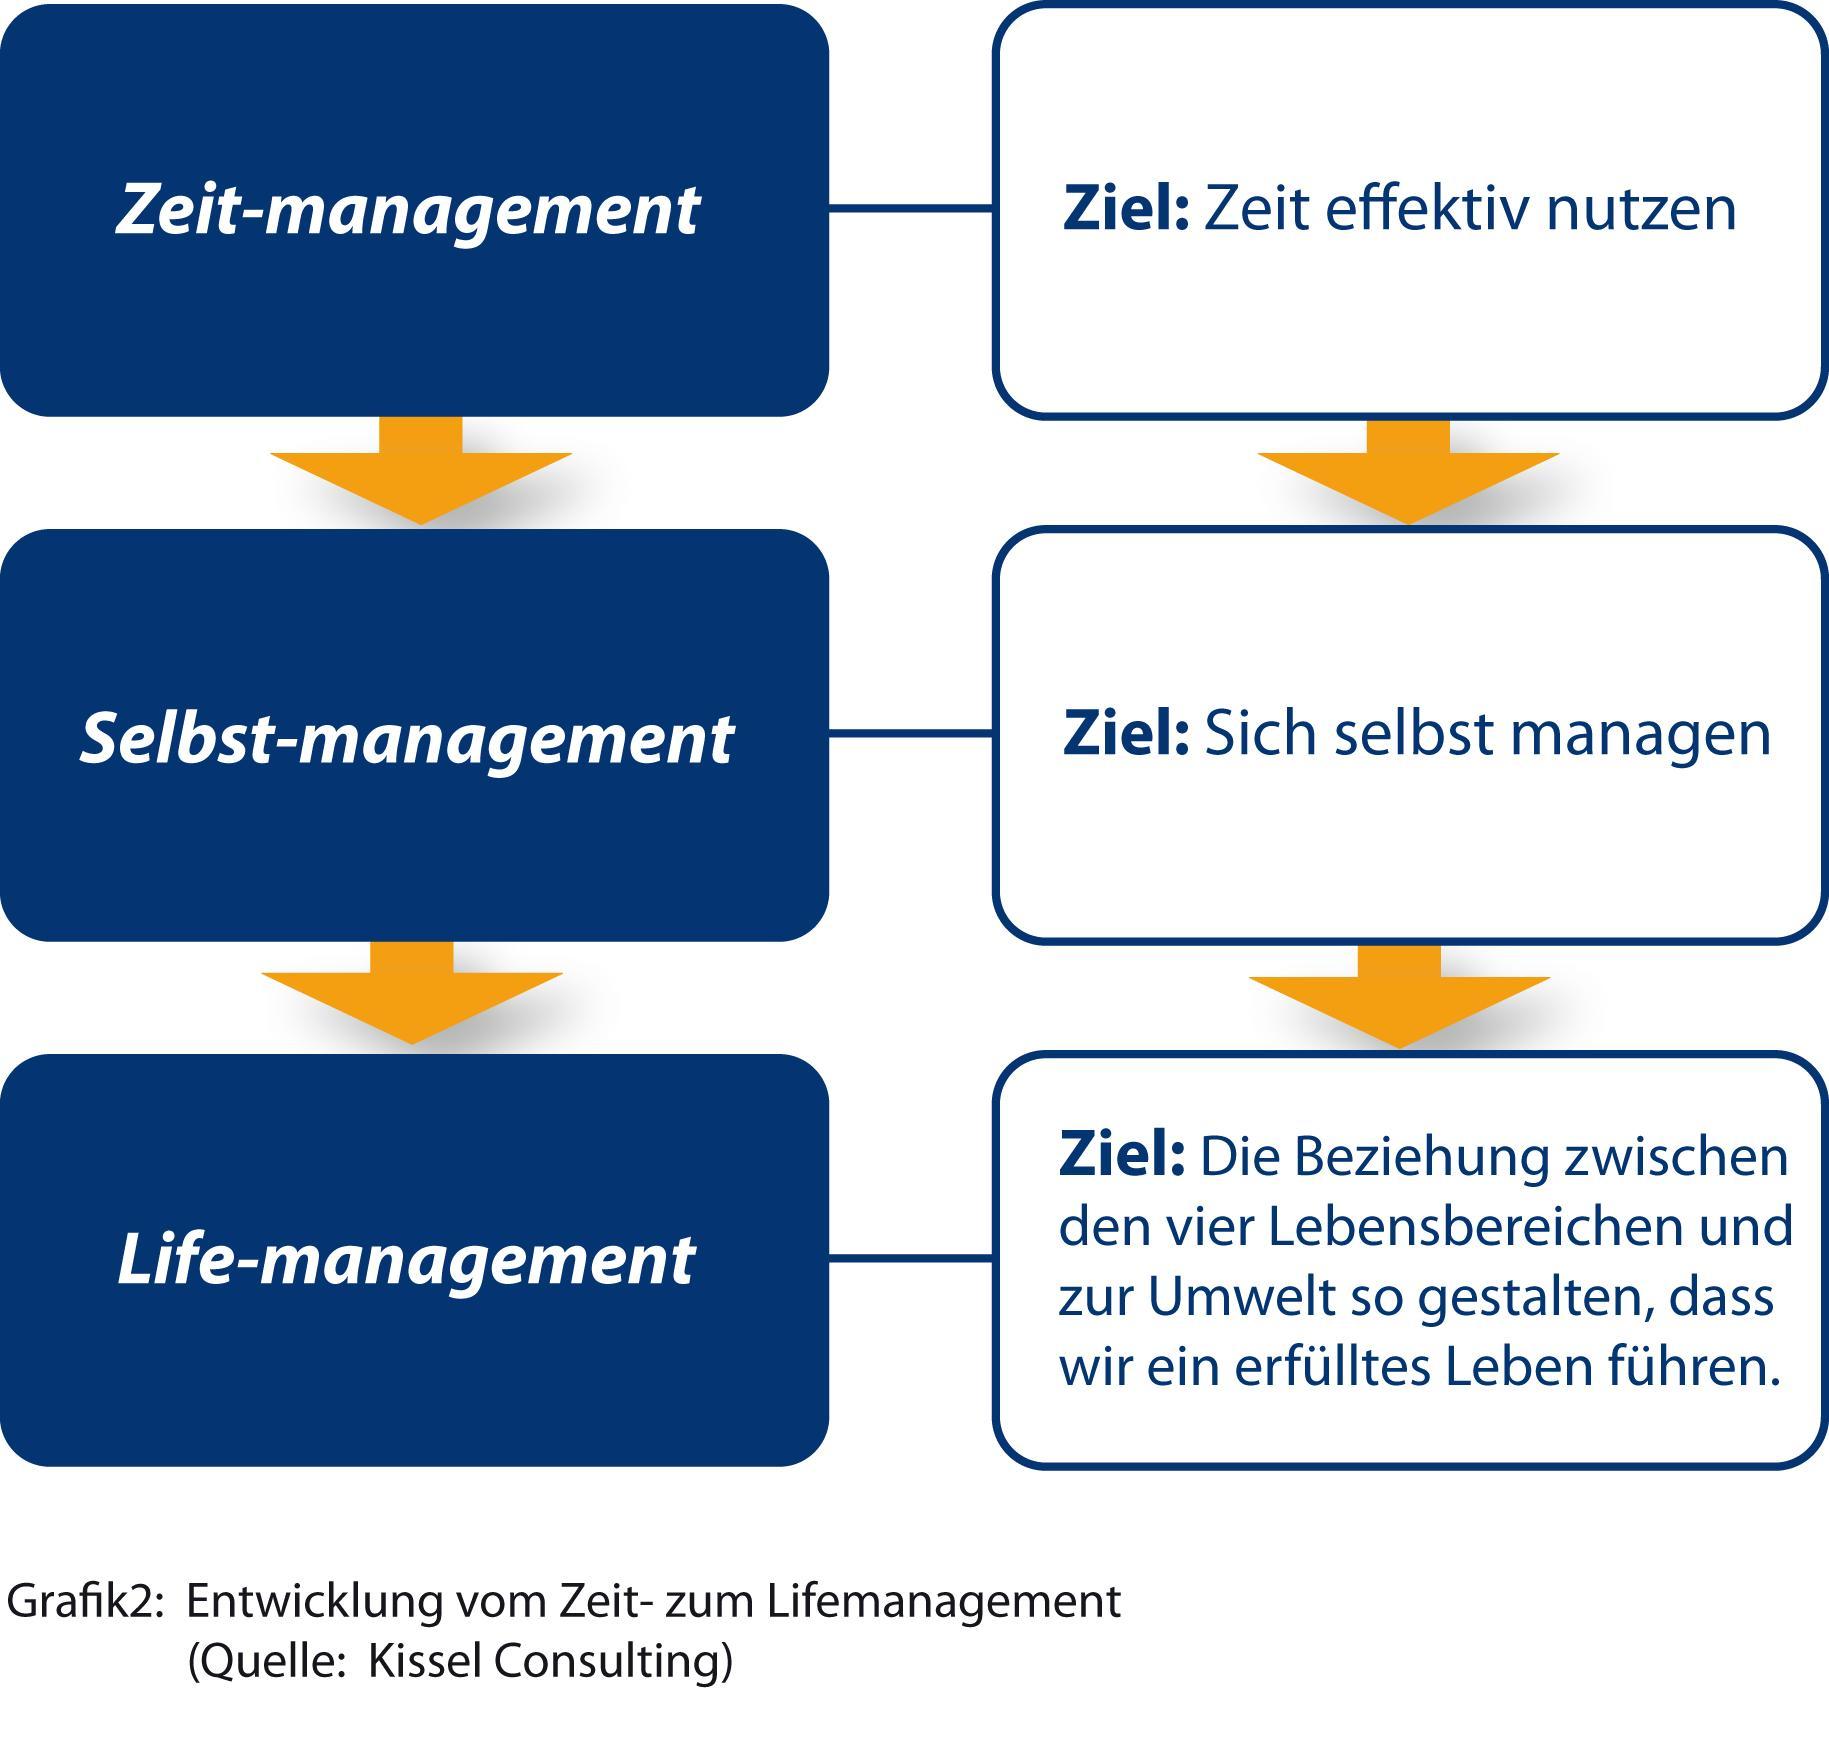 Zeitmanagement, Selbstmanagement, Lifemanagement